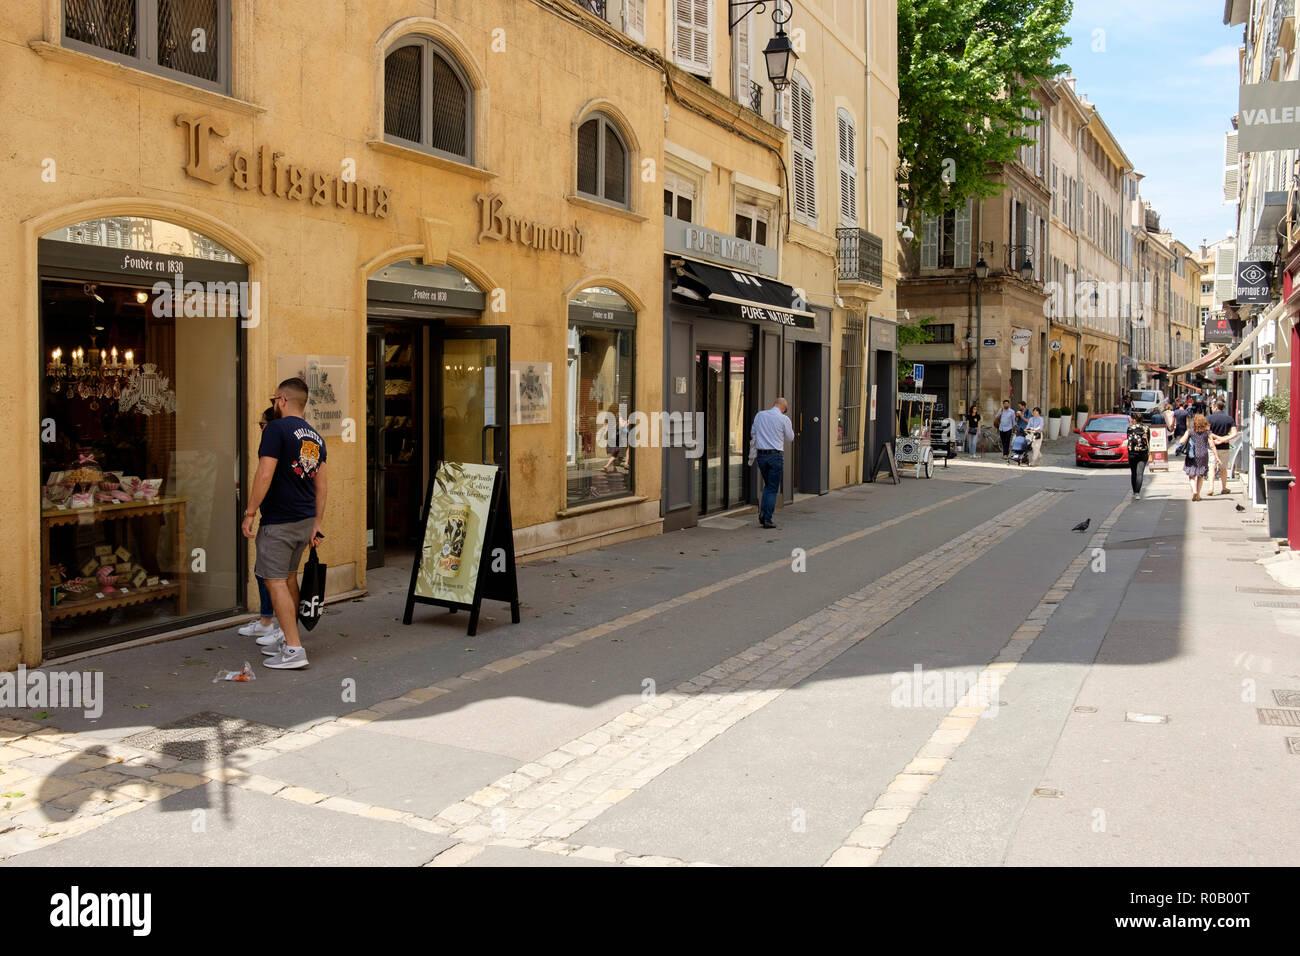 La boutique de la Maison Bremond, fabricants et détaillants de Calissons, les bonbons traditionnels français, sur la Rue d'Italie, Aix-en-Provence, France. Banque D'Images